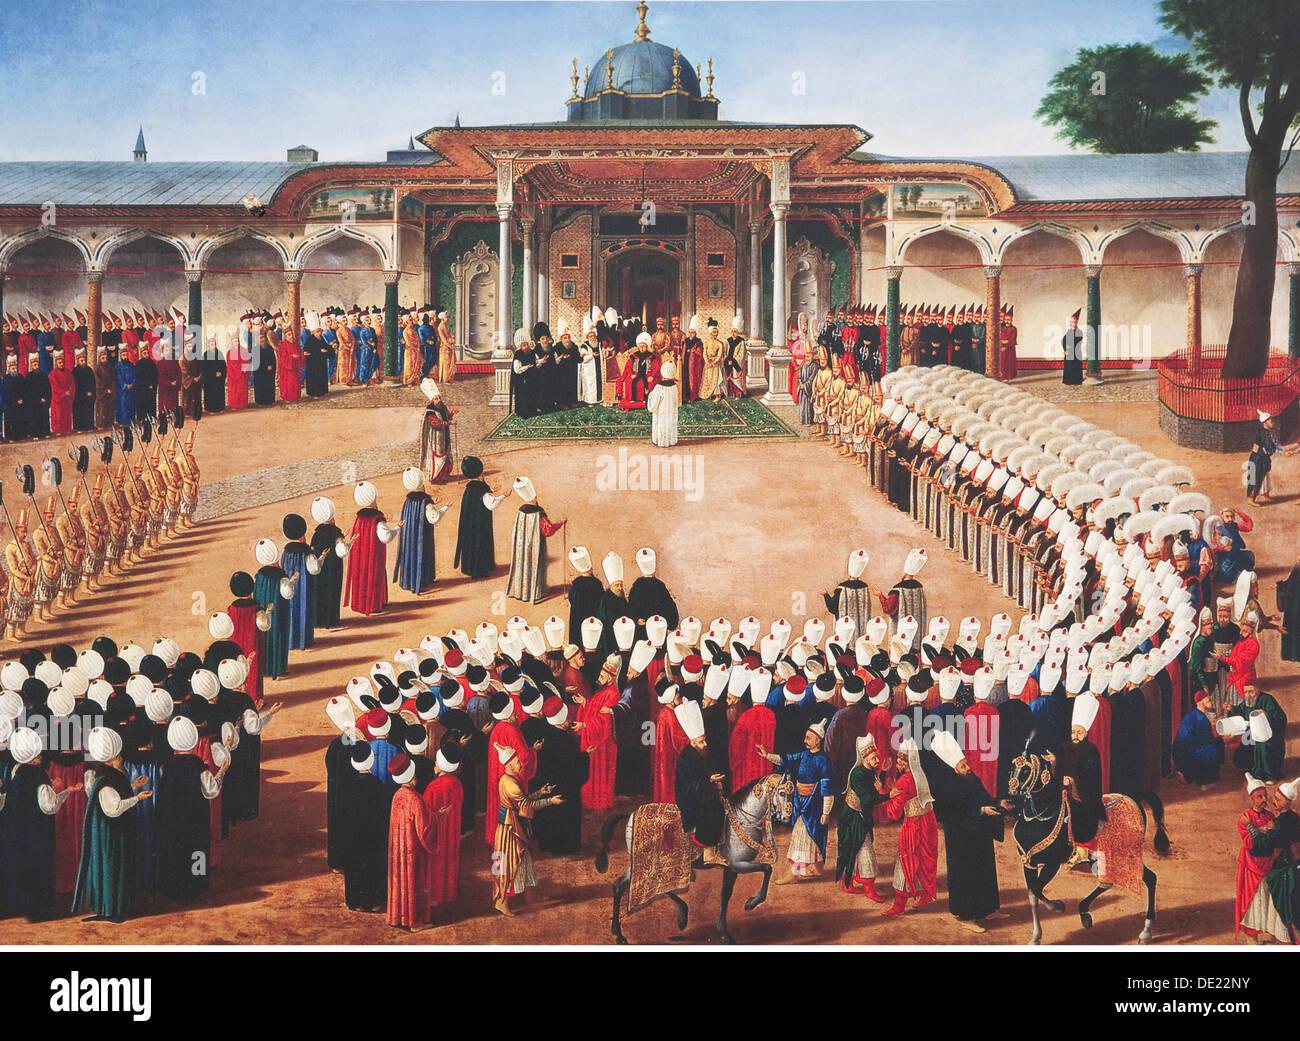 Bildende Kunst, Byzantinische Reich, dem Topkapi Palast, Malerei, Istanbul, Artist's Urheberrecht nicht gelöscht werden Stockbild